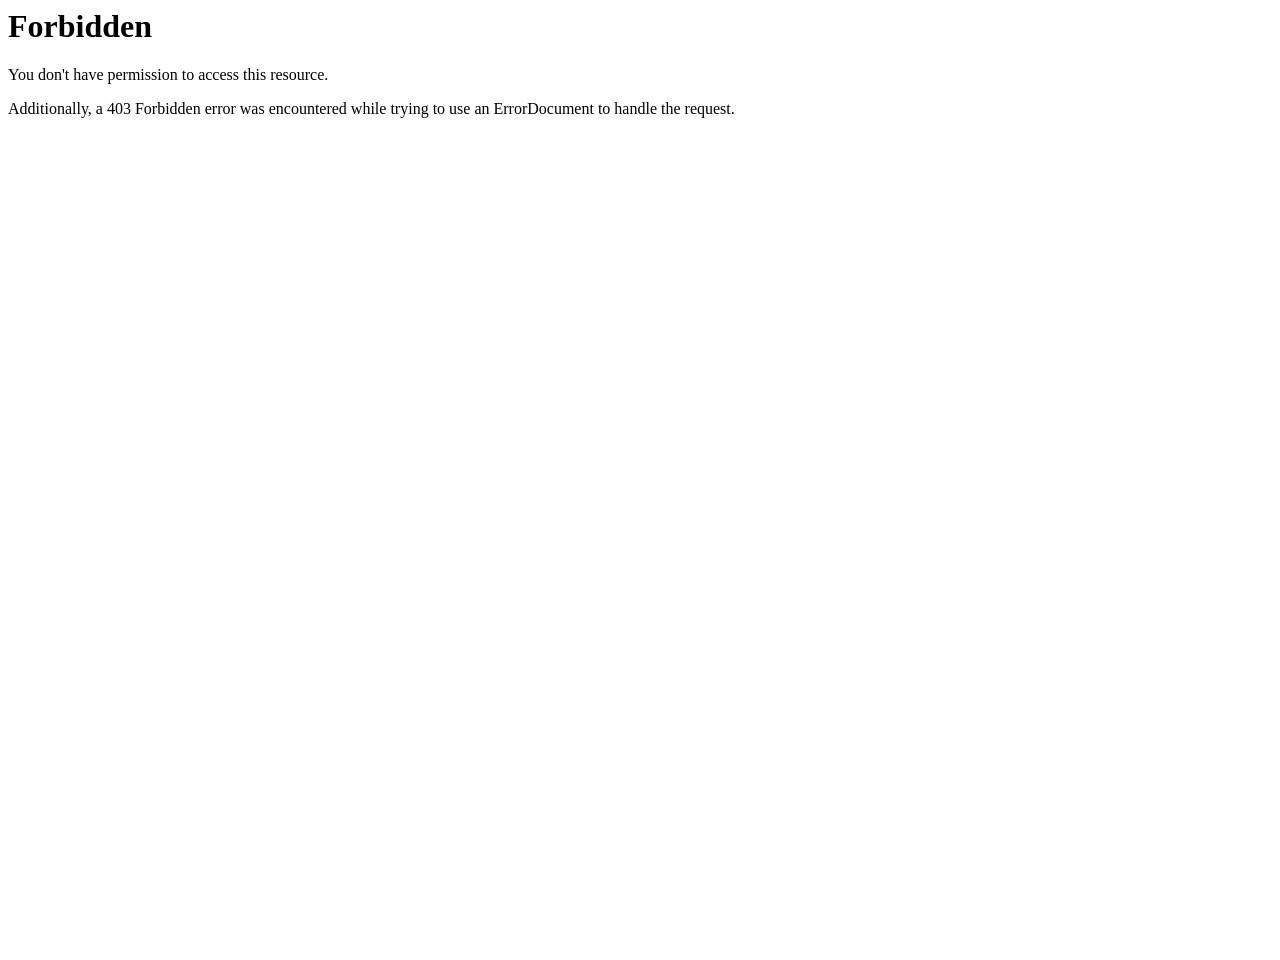 新潟の酒蔵「株式会社下越酒造」 新潟の酒蔵「株式会社下越酒造」ほまれ麒麟・譽麒麟・蒲原などのお酒を製造販売しています。